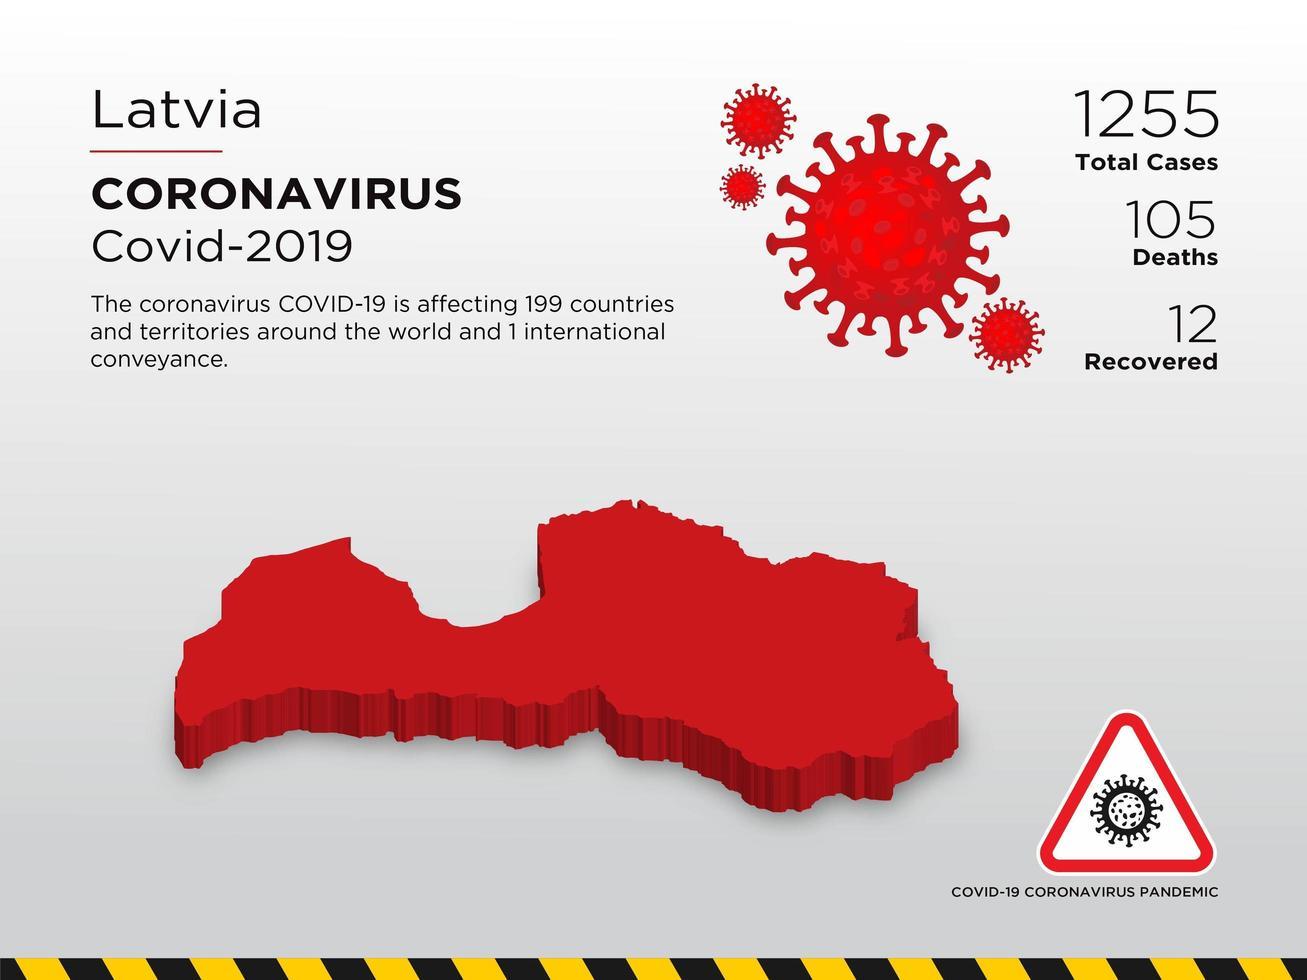 carte de pays de la coronavirus affectée par la lettonie vecteur